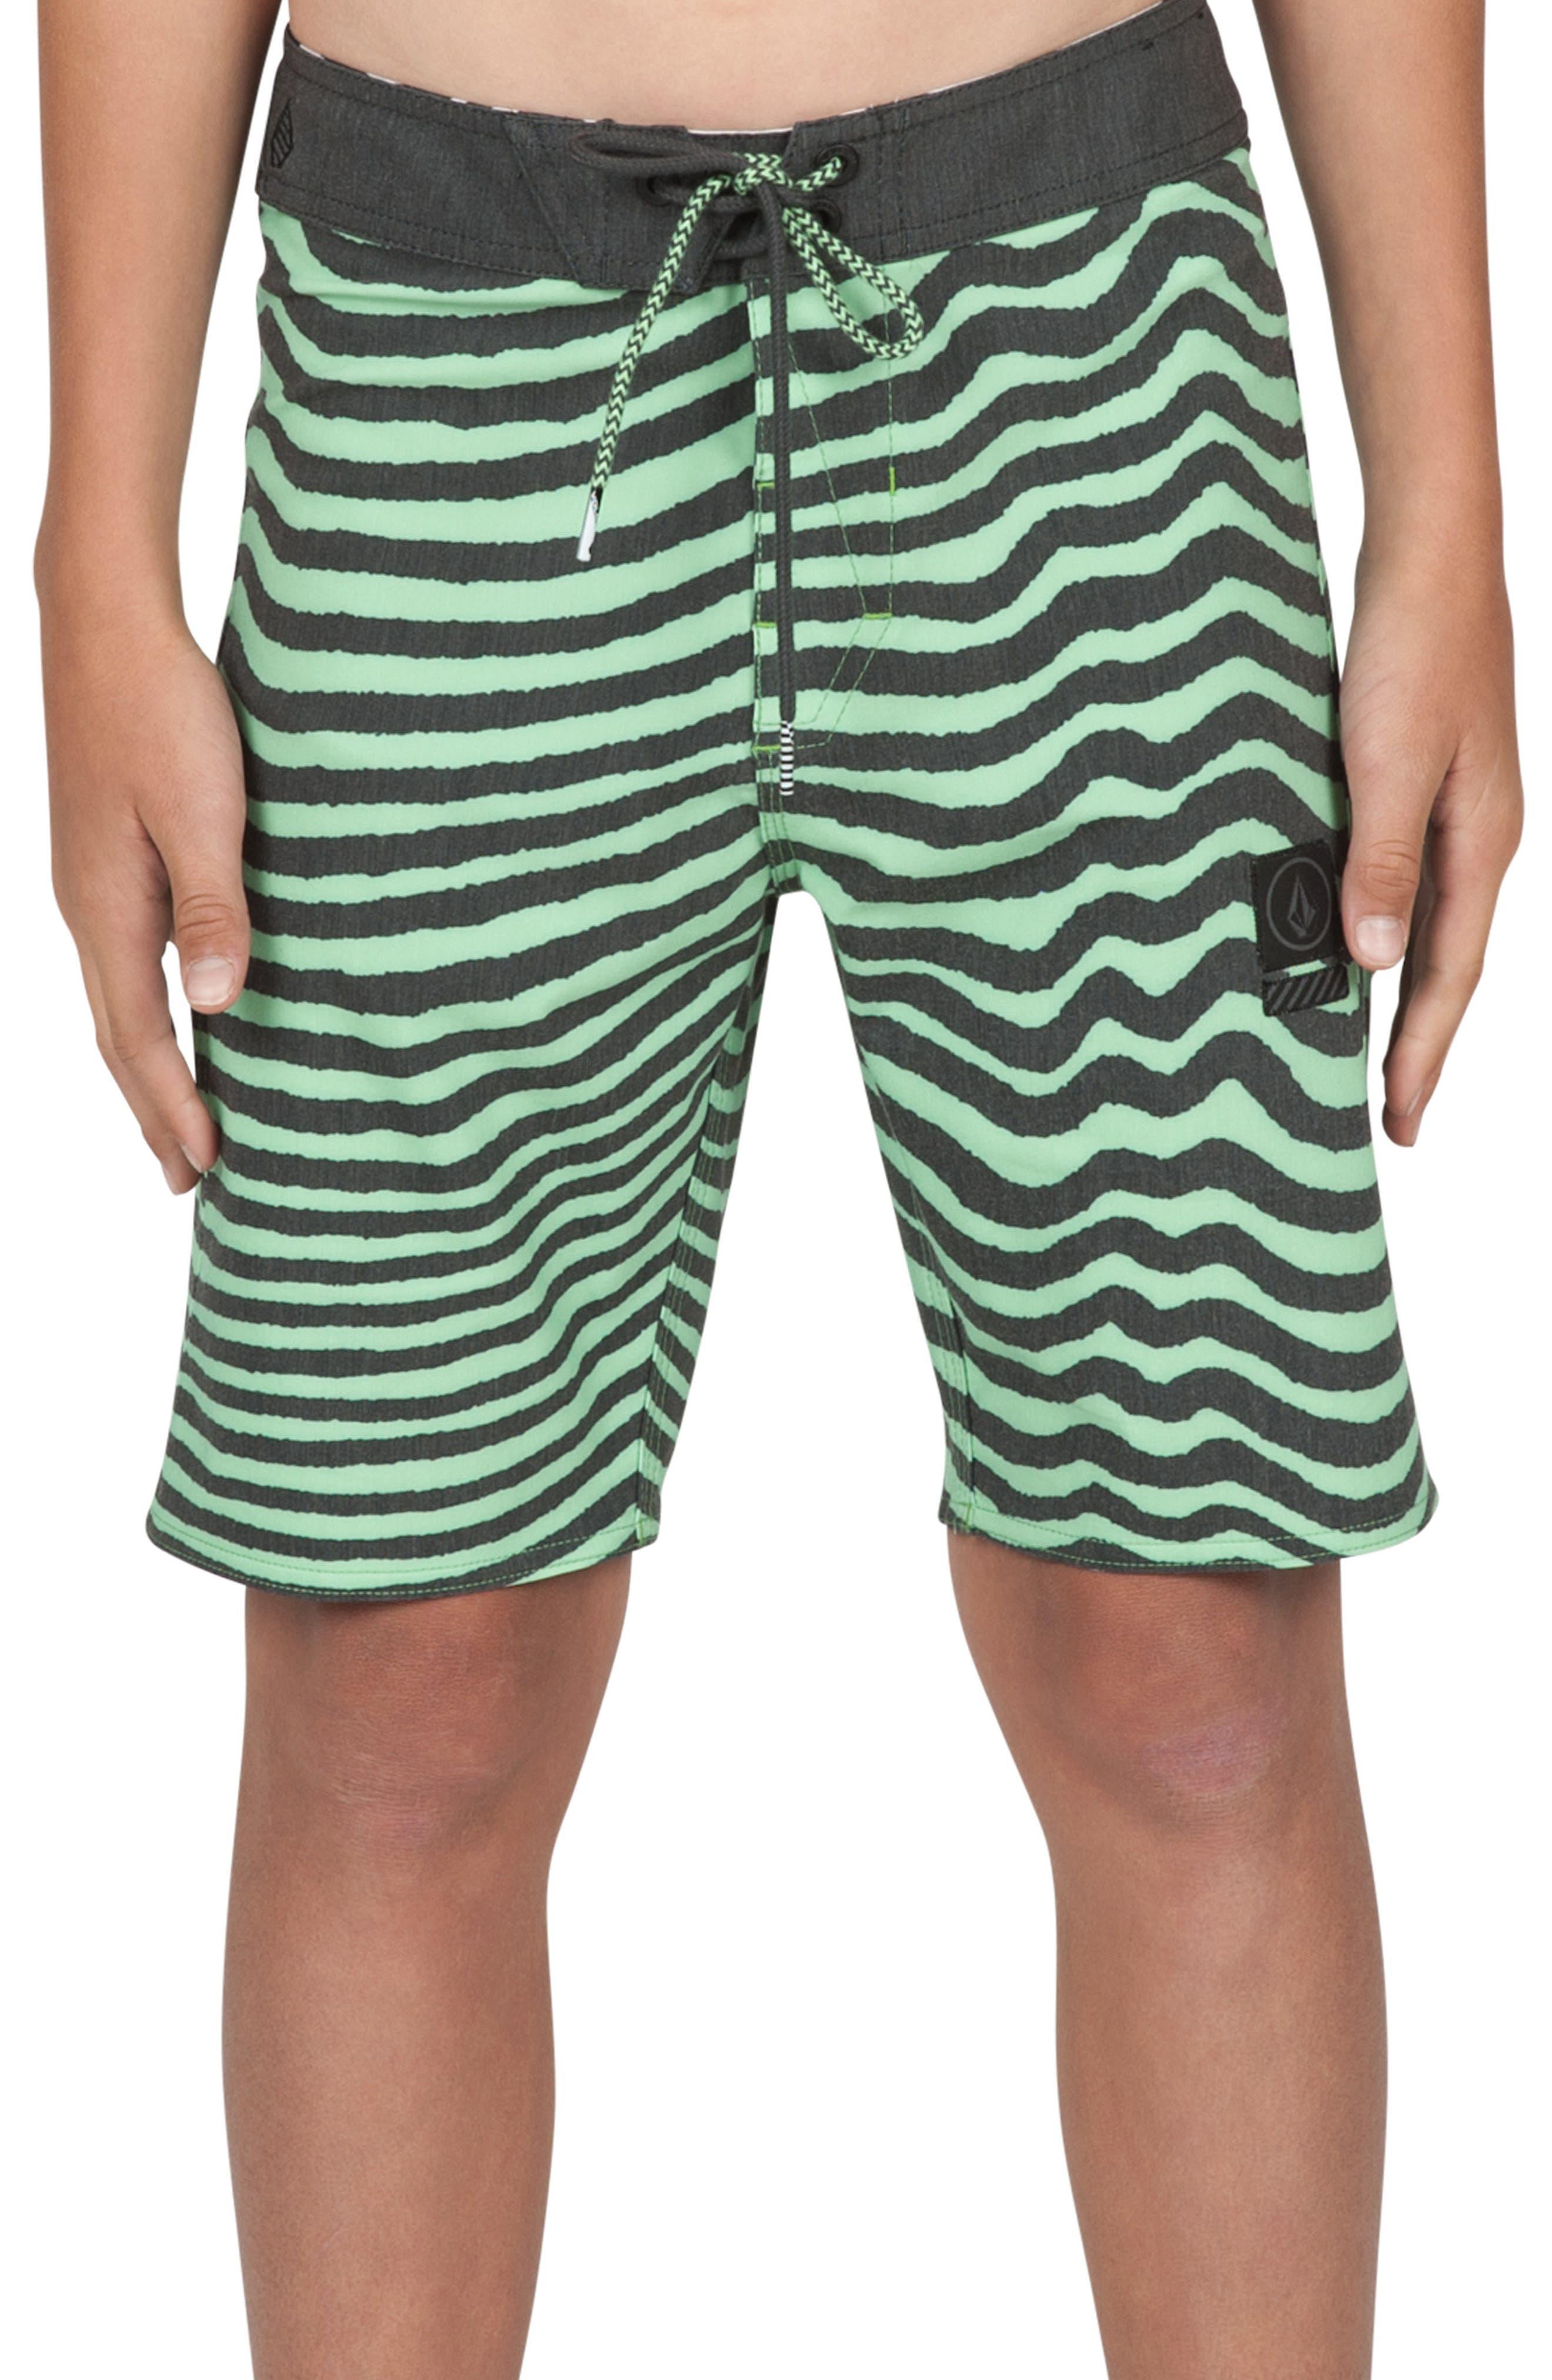 Mag Vibes Board Shorts,                             Main thumbnail 1, color,                             300